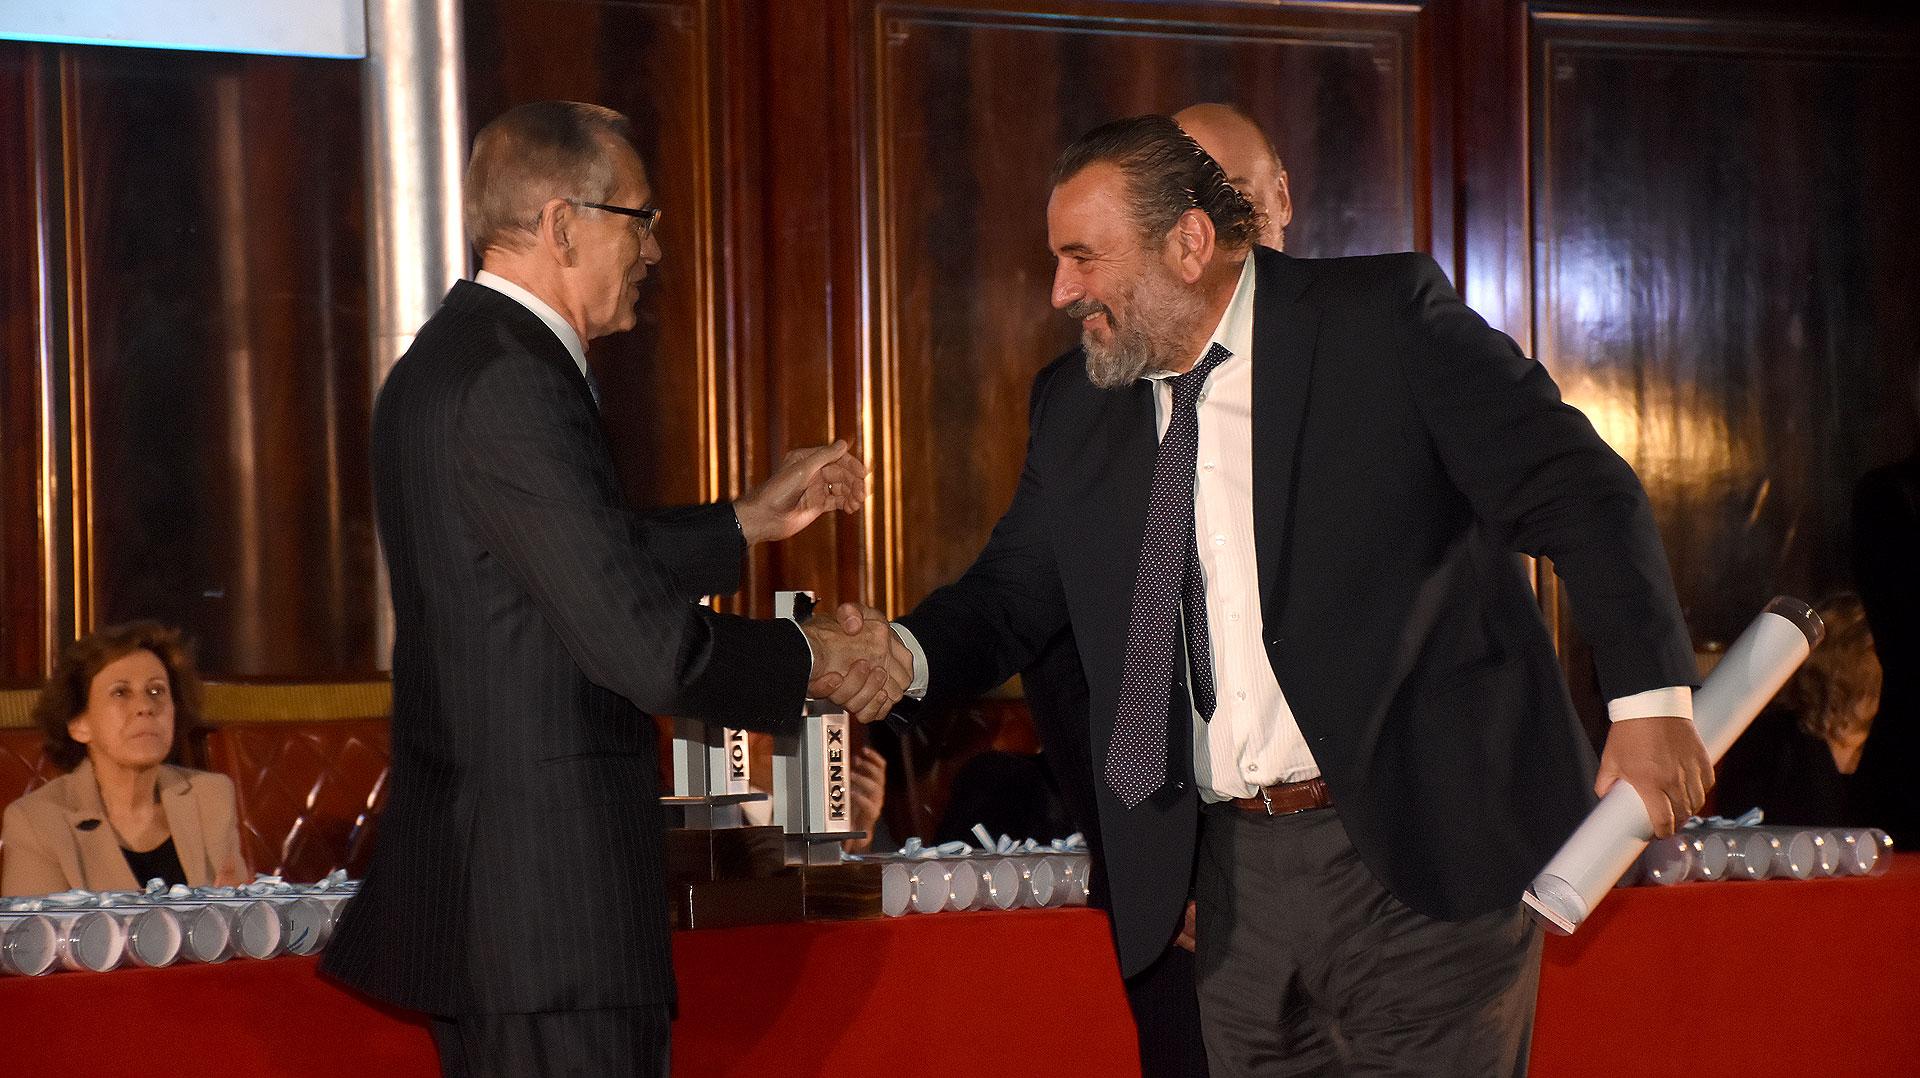 Adalberto Rodríguez Giavarini y el fiscal José María Campagnoli